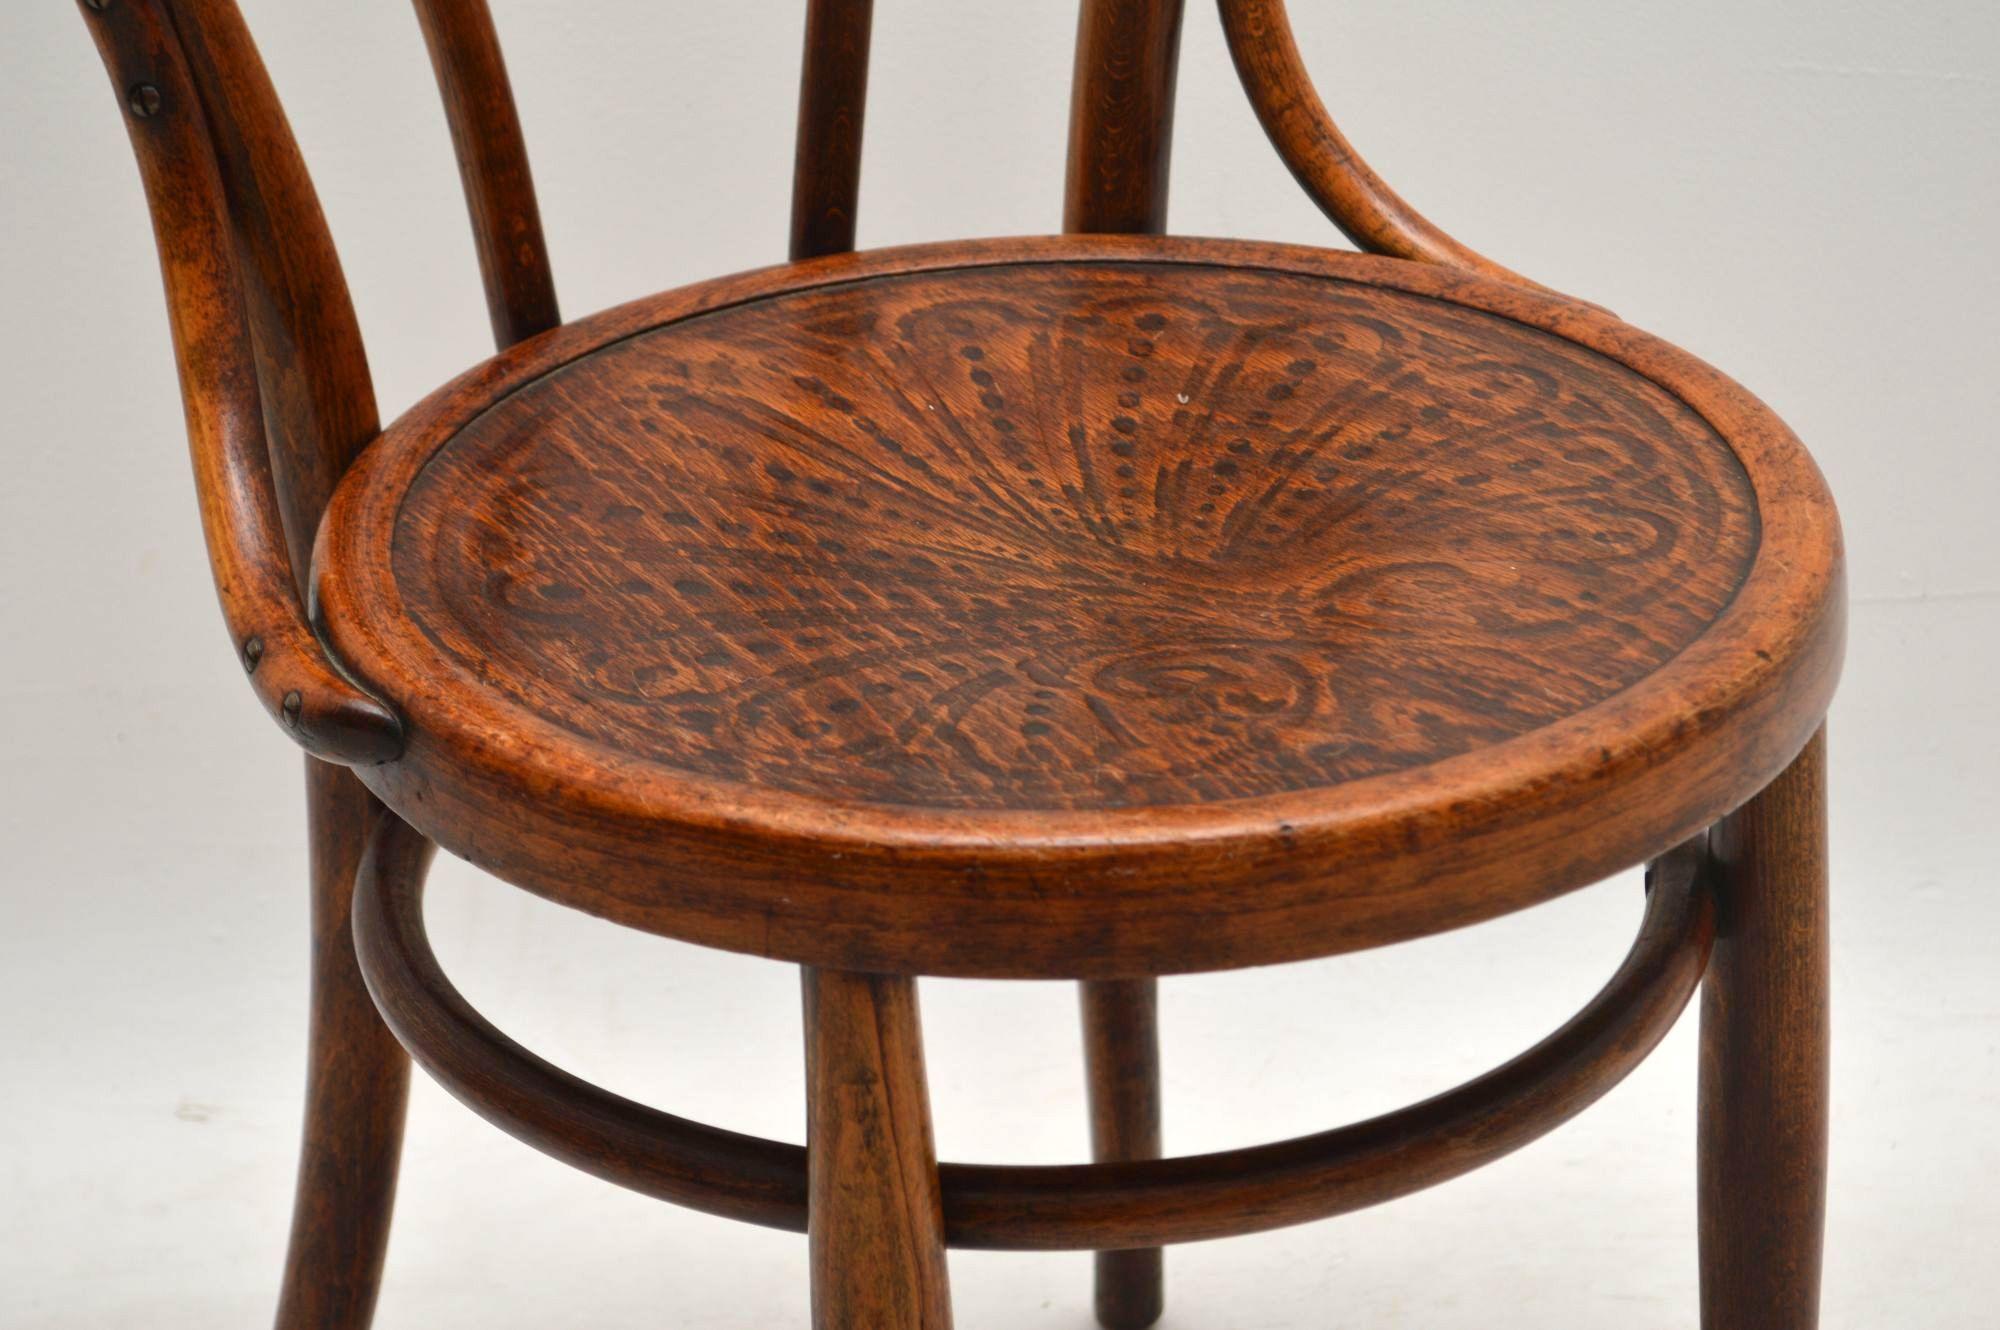 Antique Vintage Bentwood Thonet Cafe Chair Retrospective